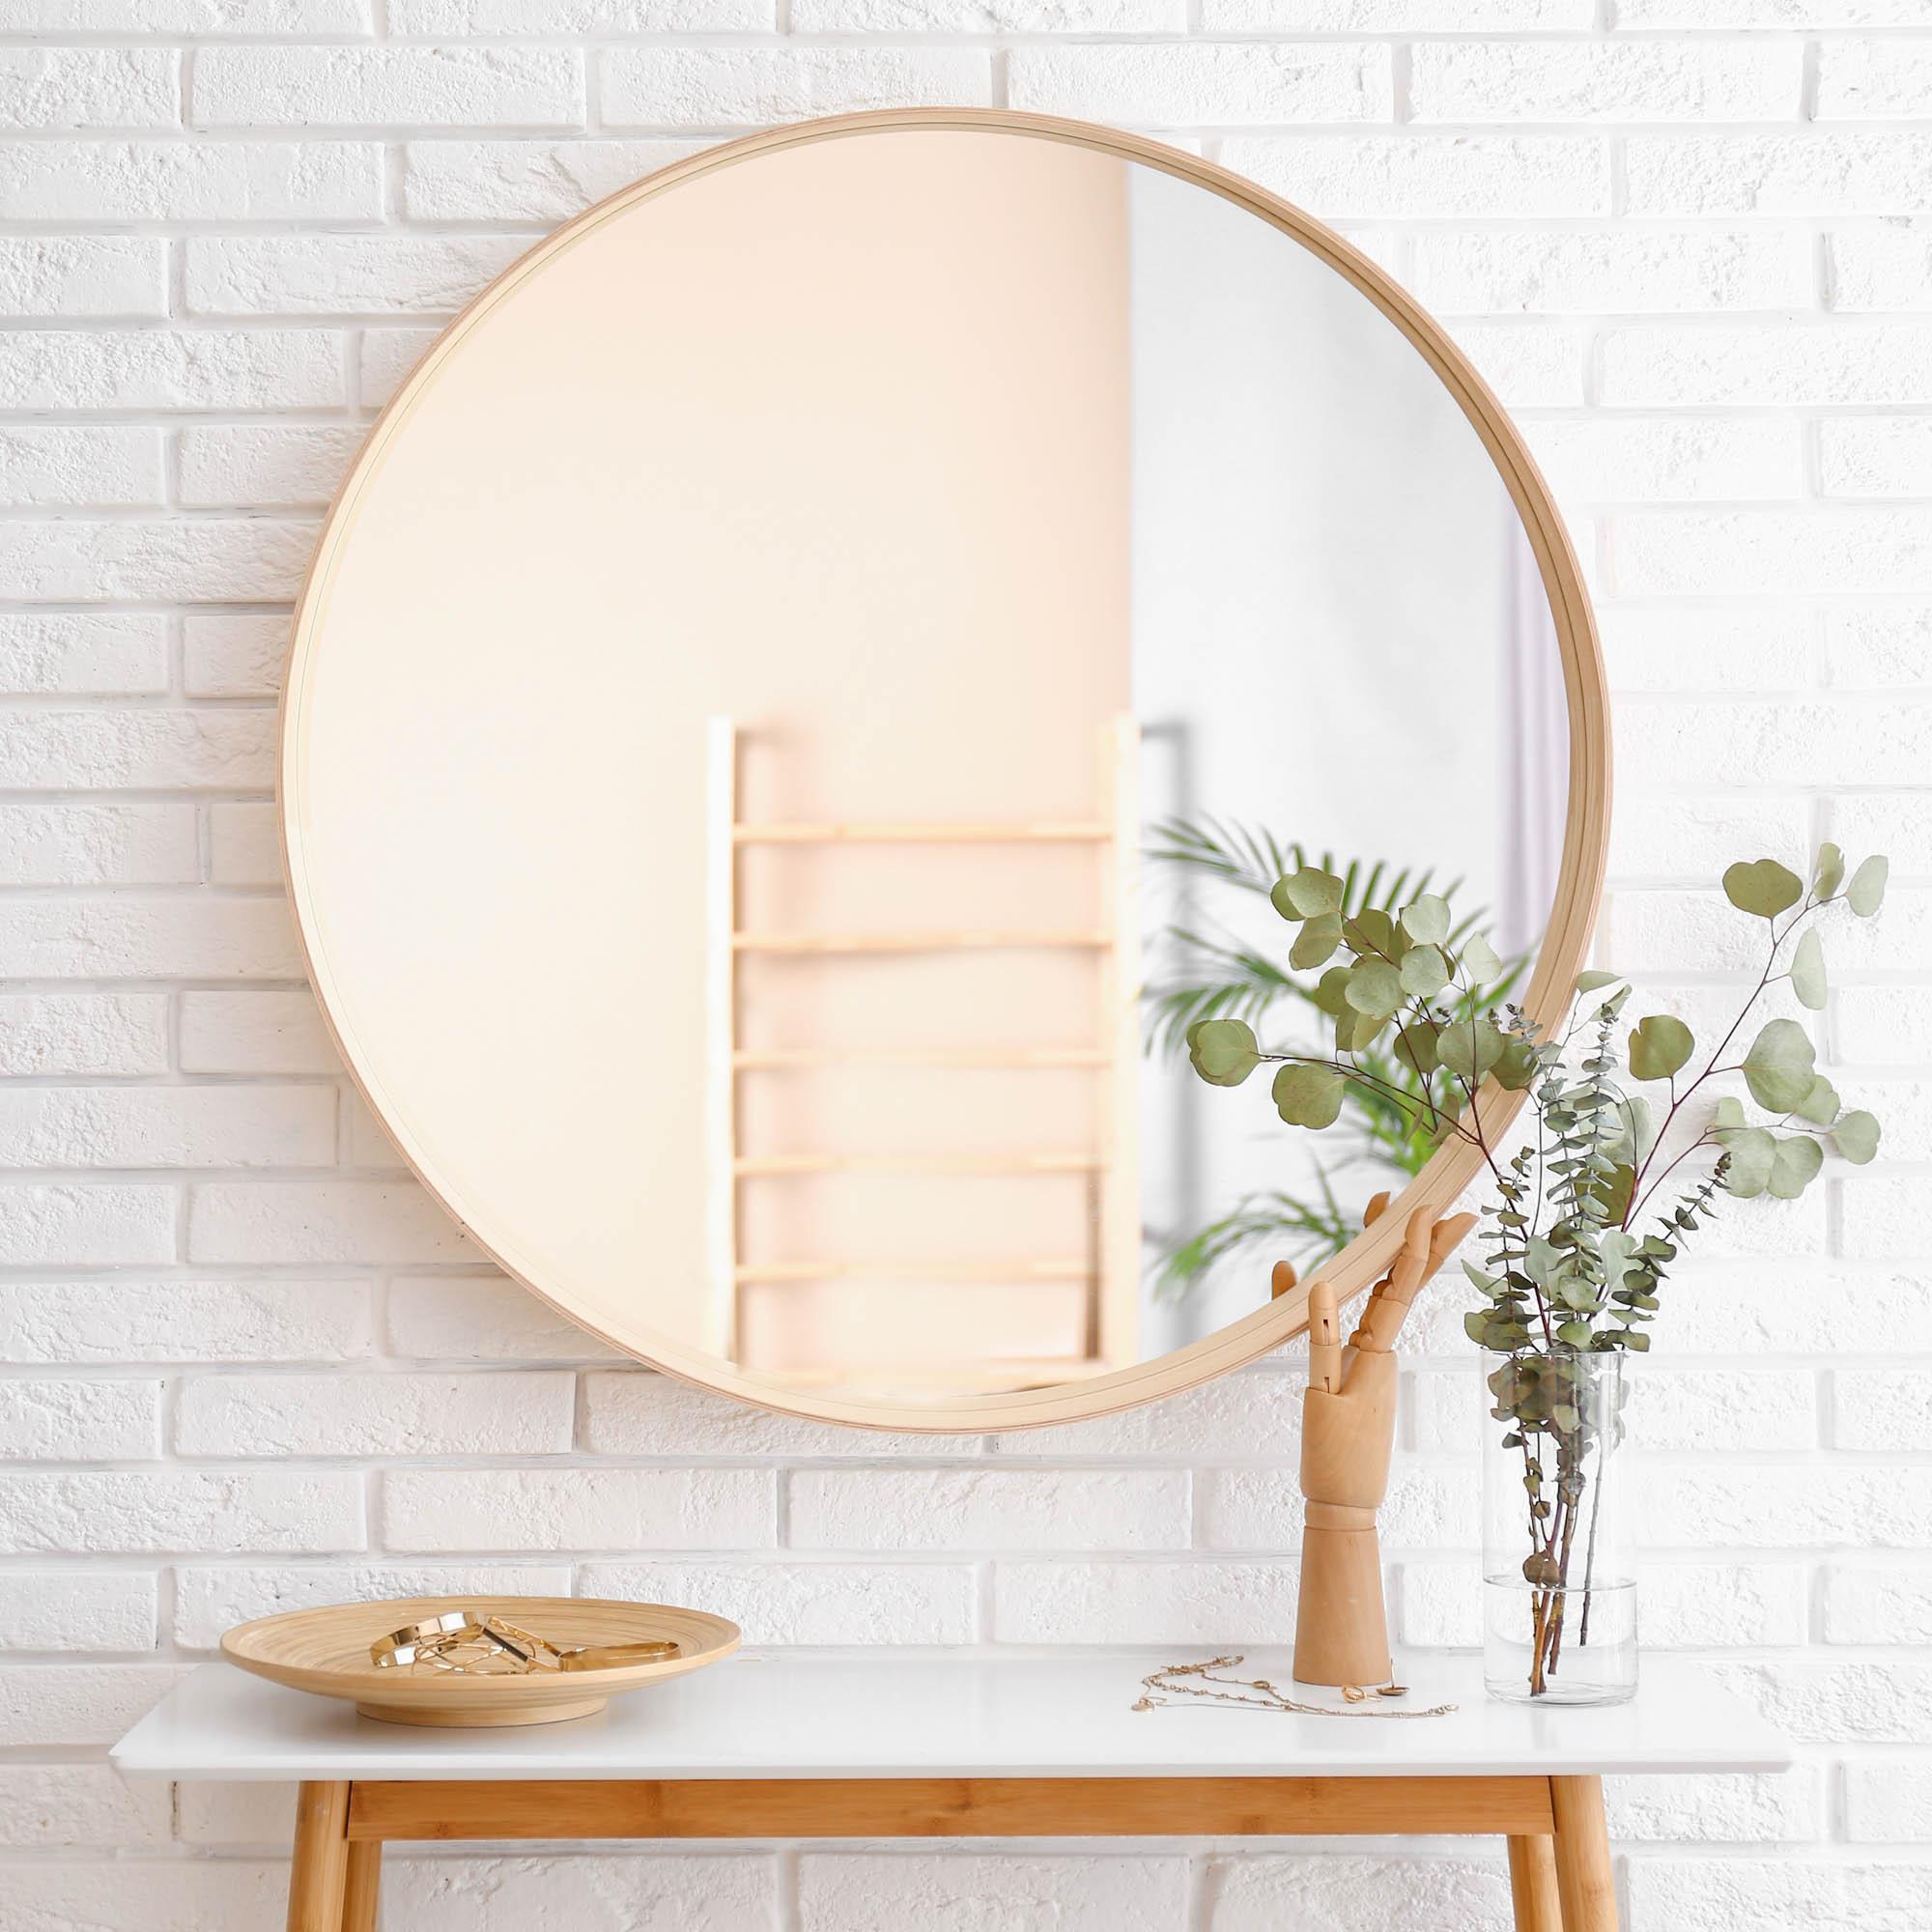 espelhos-e-suportes